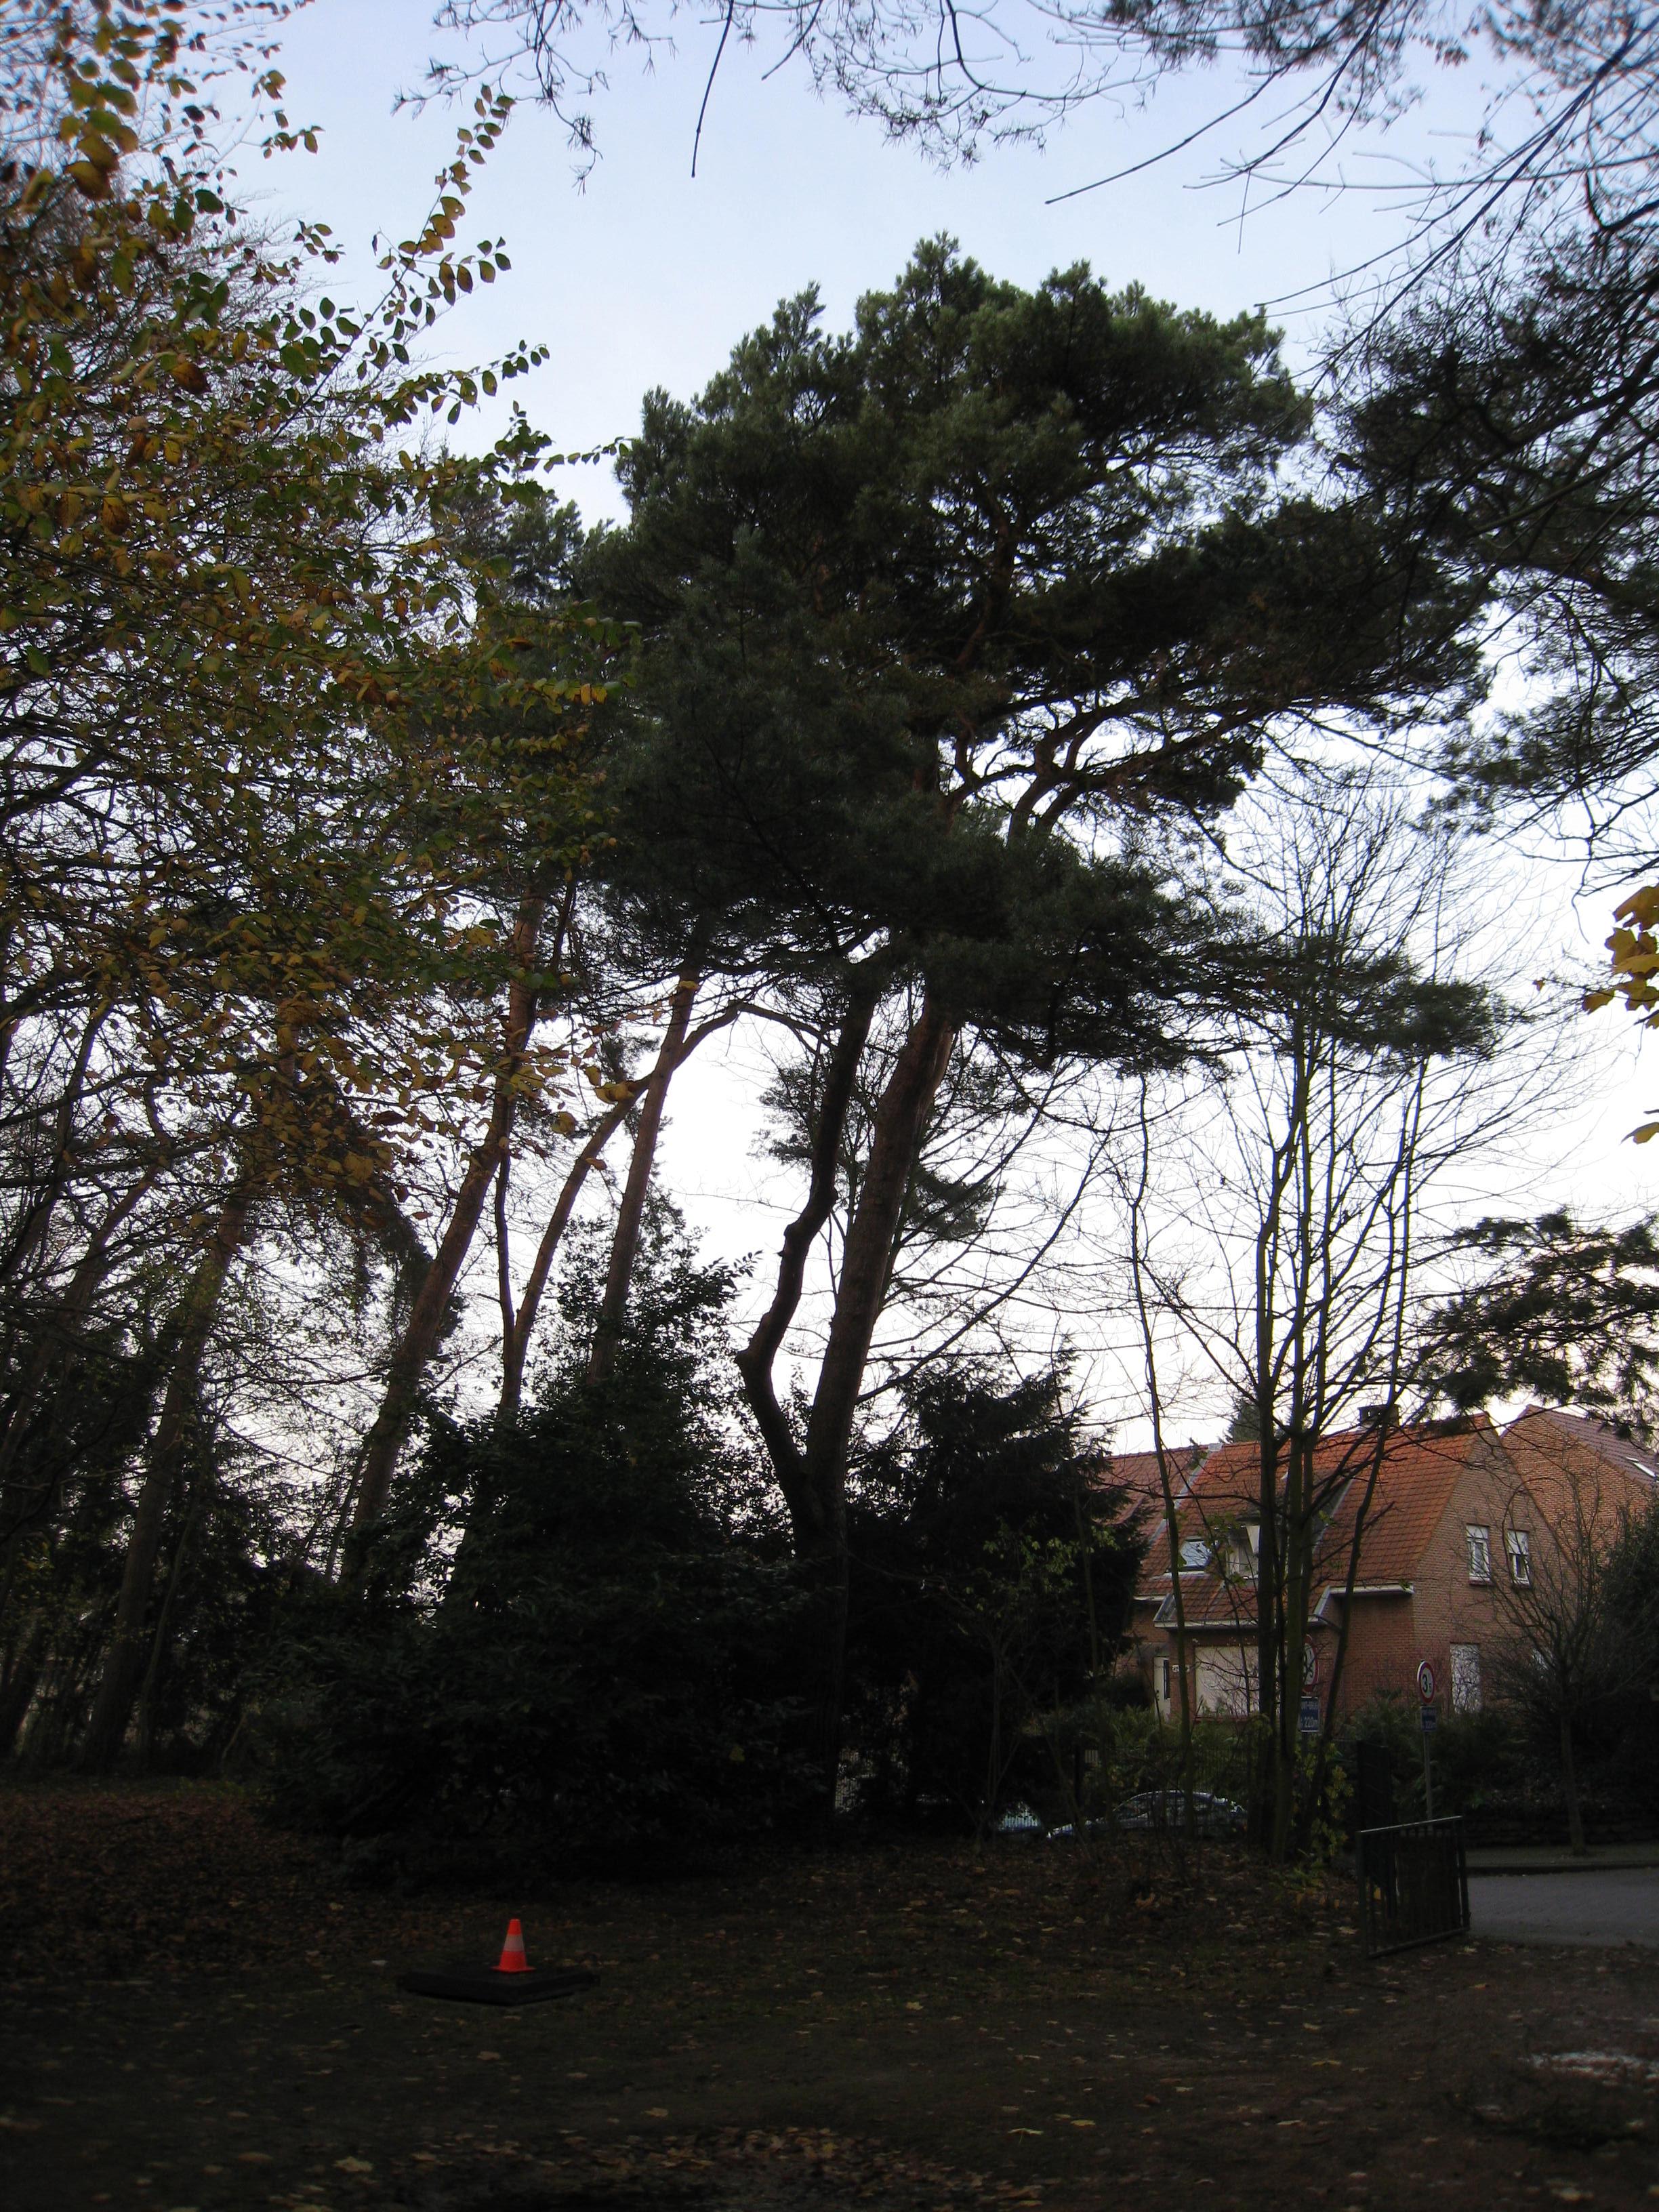 Pin sylvestre – Woluwé-Saint-Lambert, Moulin de Lindekemaele et abords, Avenue Jean-François Debecker, 38-40 –  01 Décembre 2009